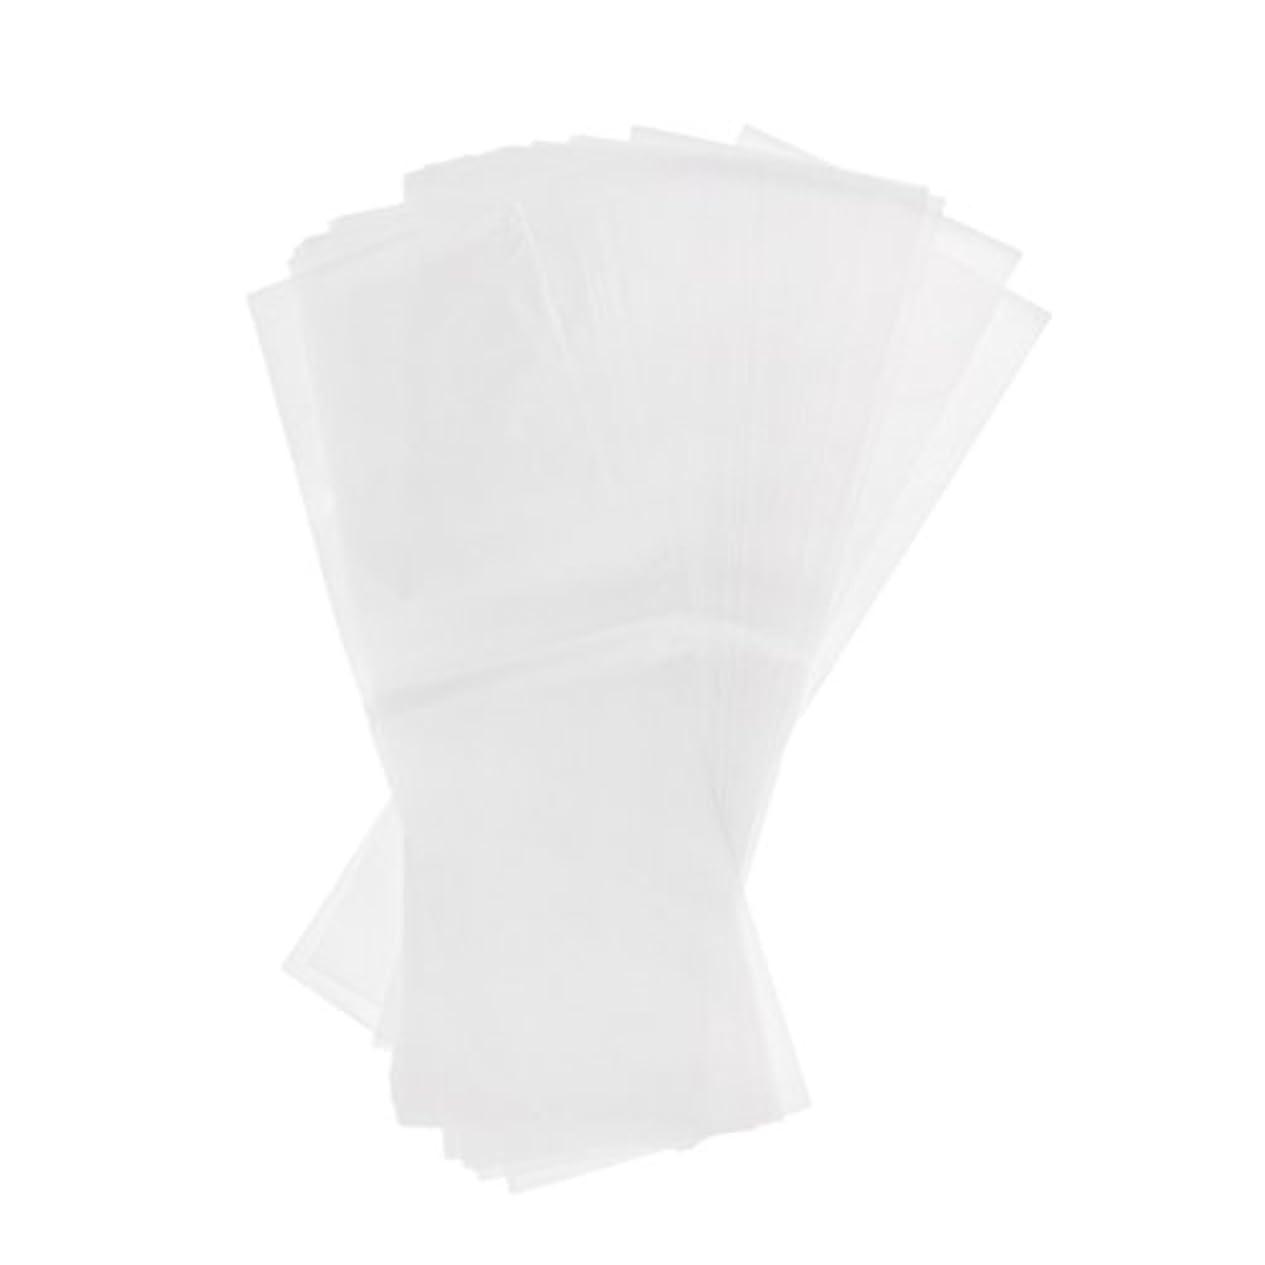 説得力のある持つクリークヘアカラー 毛染め 分版用紙 ハイライトシート 毛染め紙 再利用可能な 透明 2仕様選べ - ホワイト